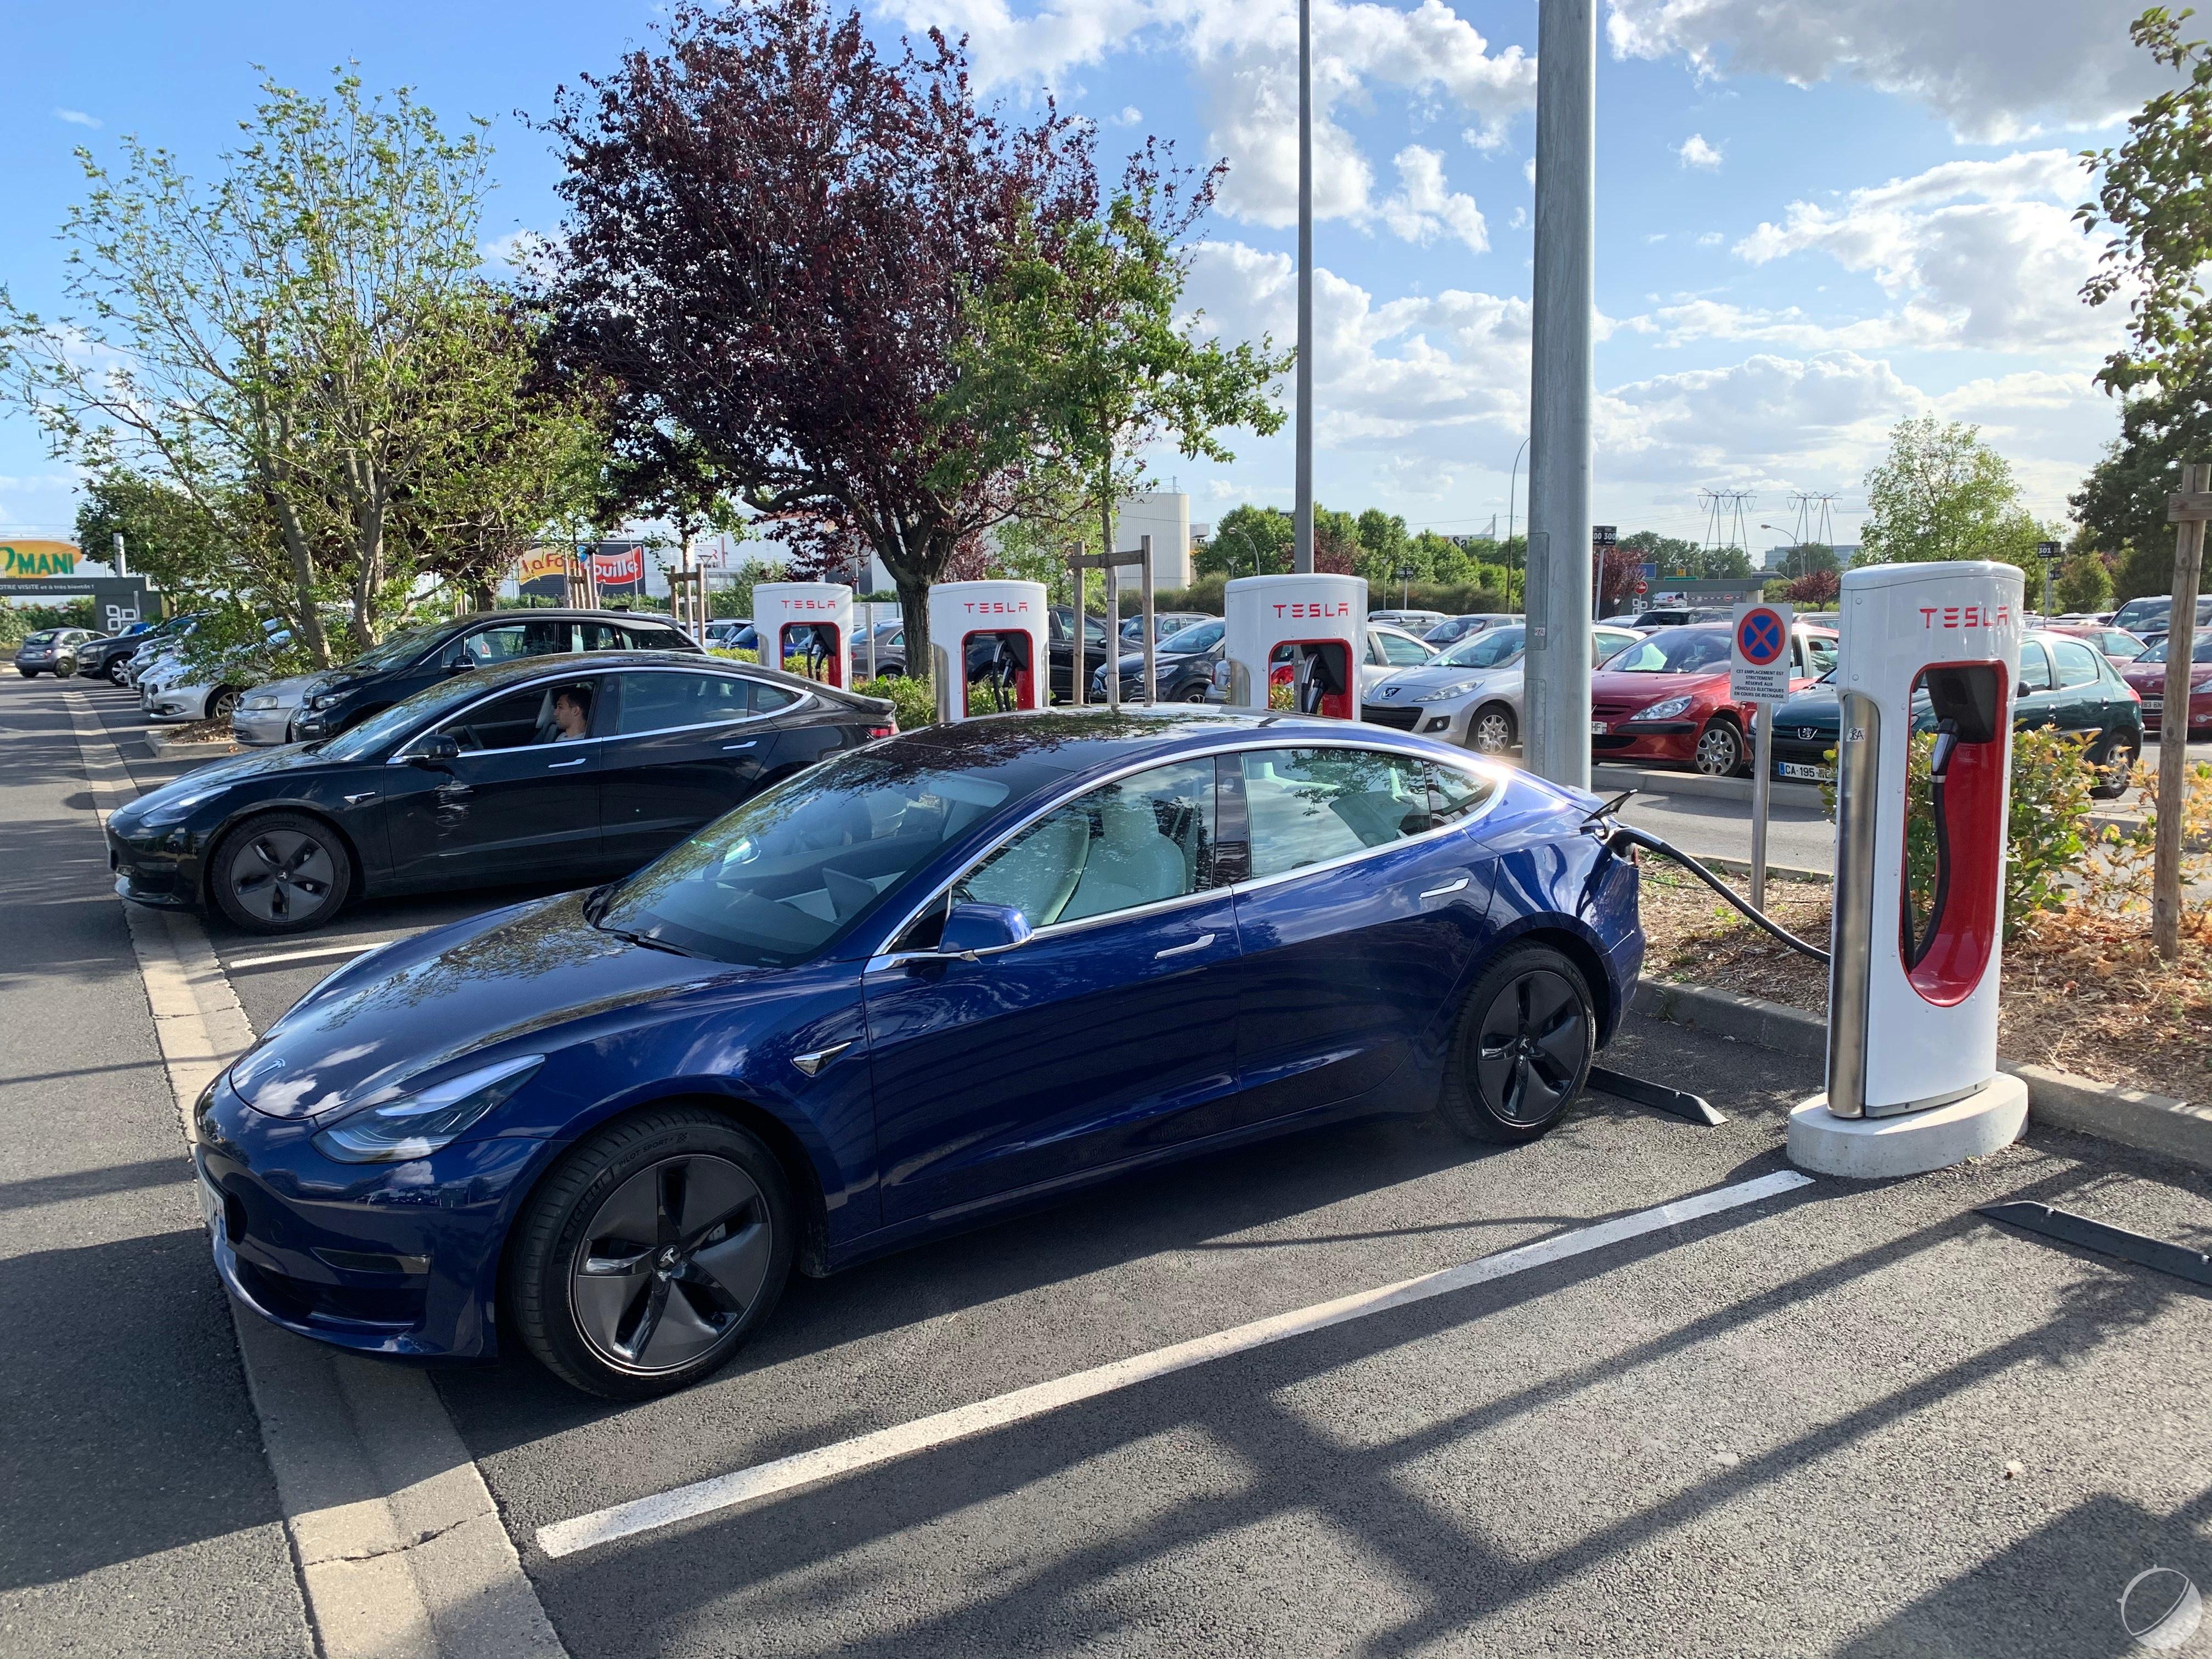 La Tesla Model 3 est un objet technologique : découvrons son interface et ses gadgets